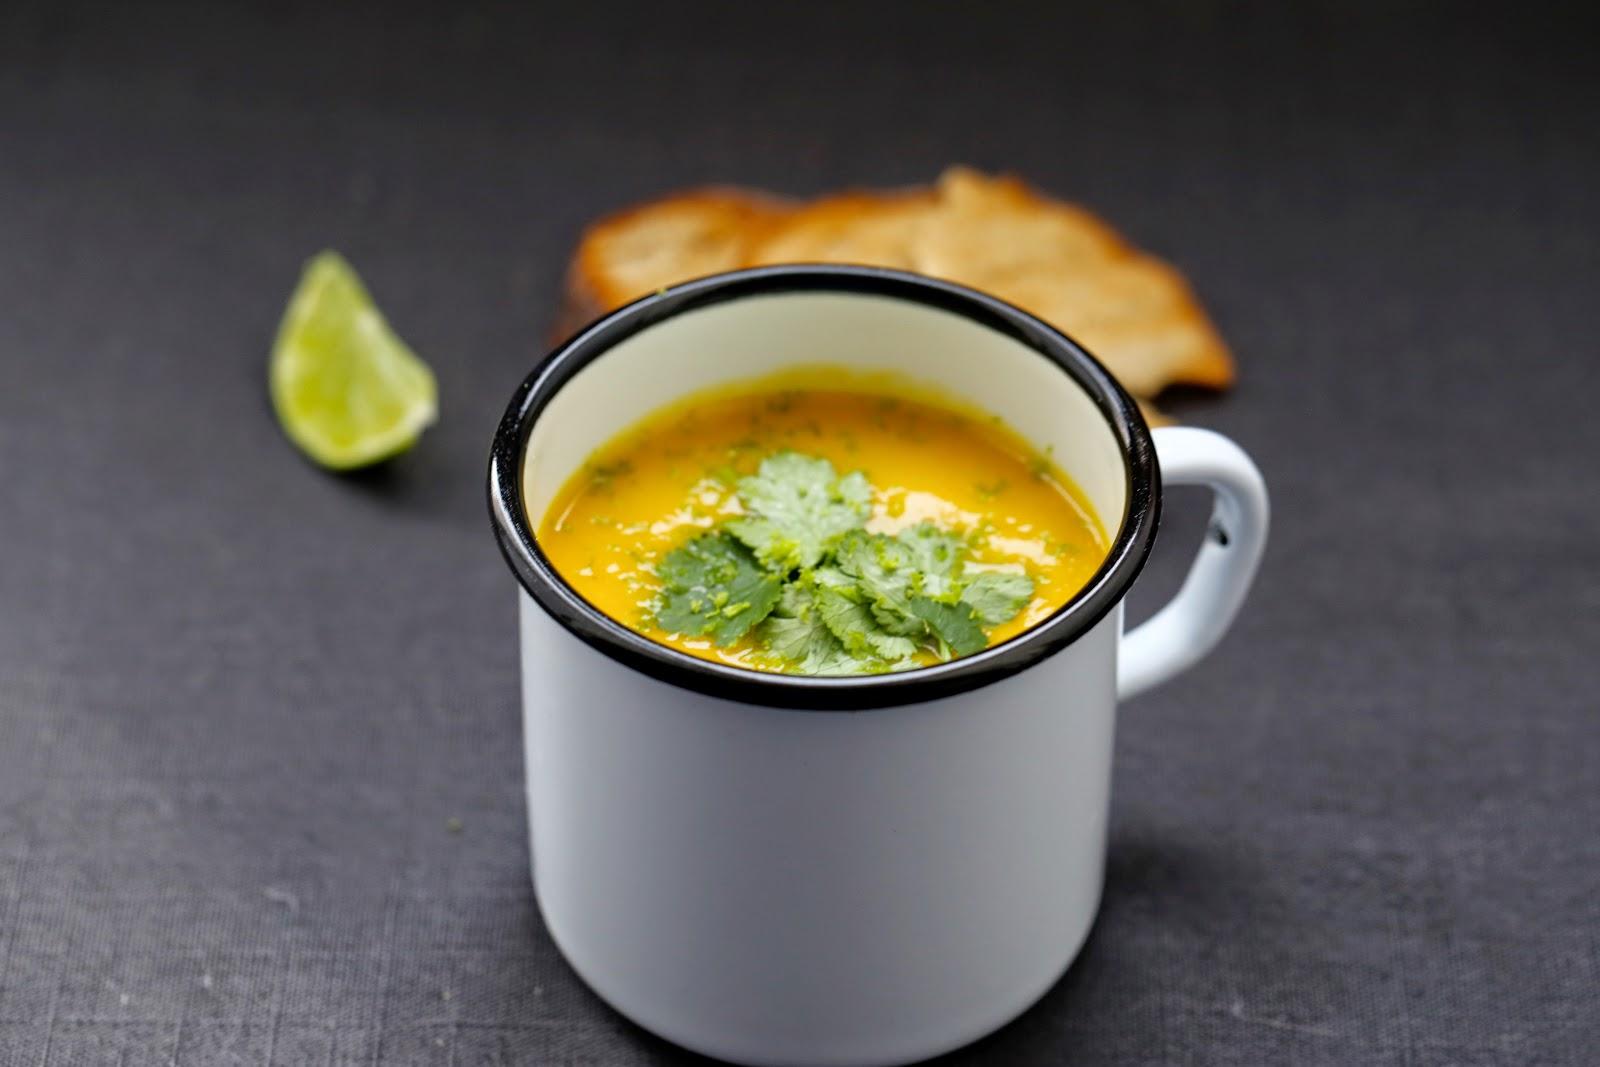 on dine chez nanou soupe aux patates douces carottes. Black Bedroom Furniture Sets. Home Design Ideas